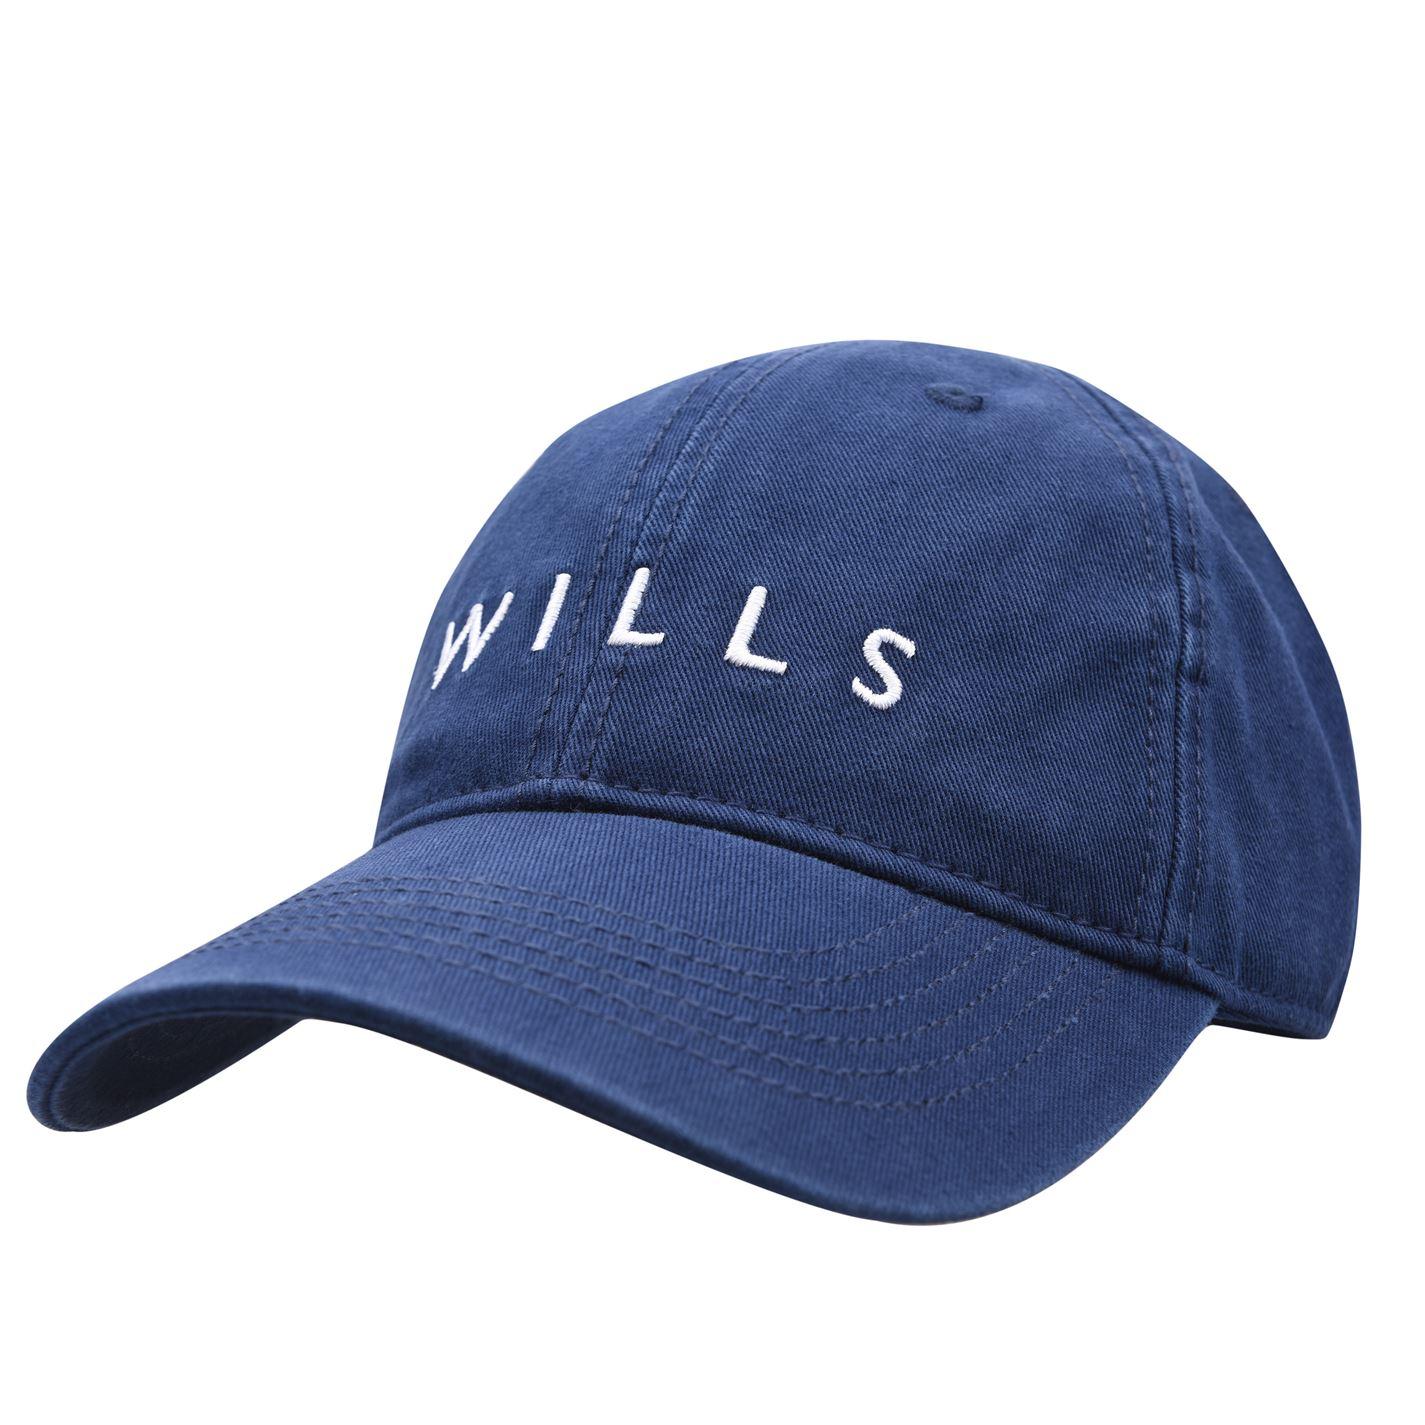 Jack Wills Womens Logo Cap Navy/Charcoal/Olive - £6 delivered @ Jack Willis / ebay